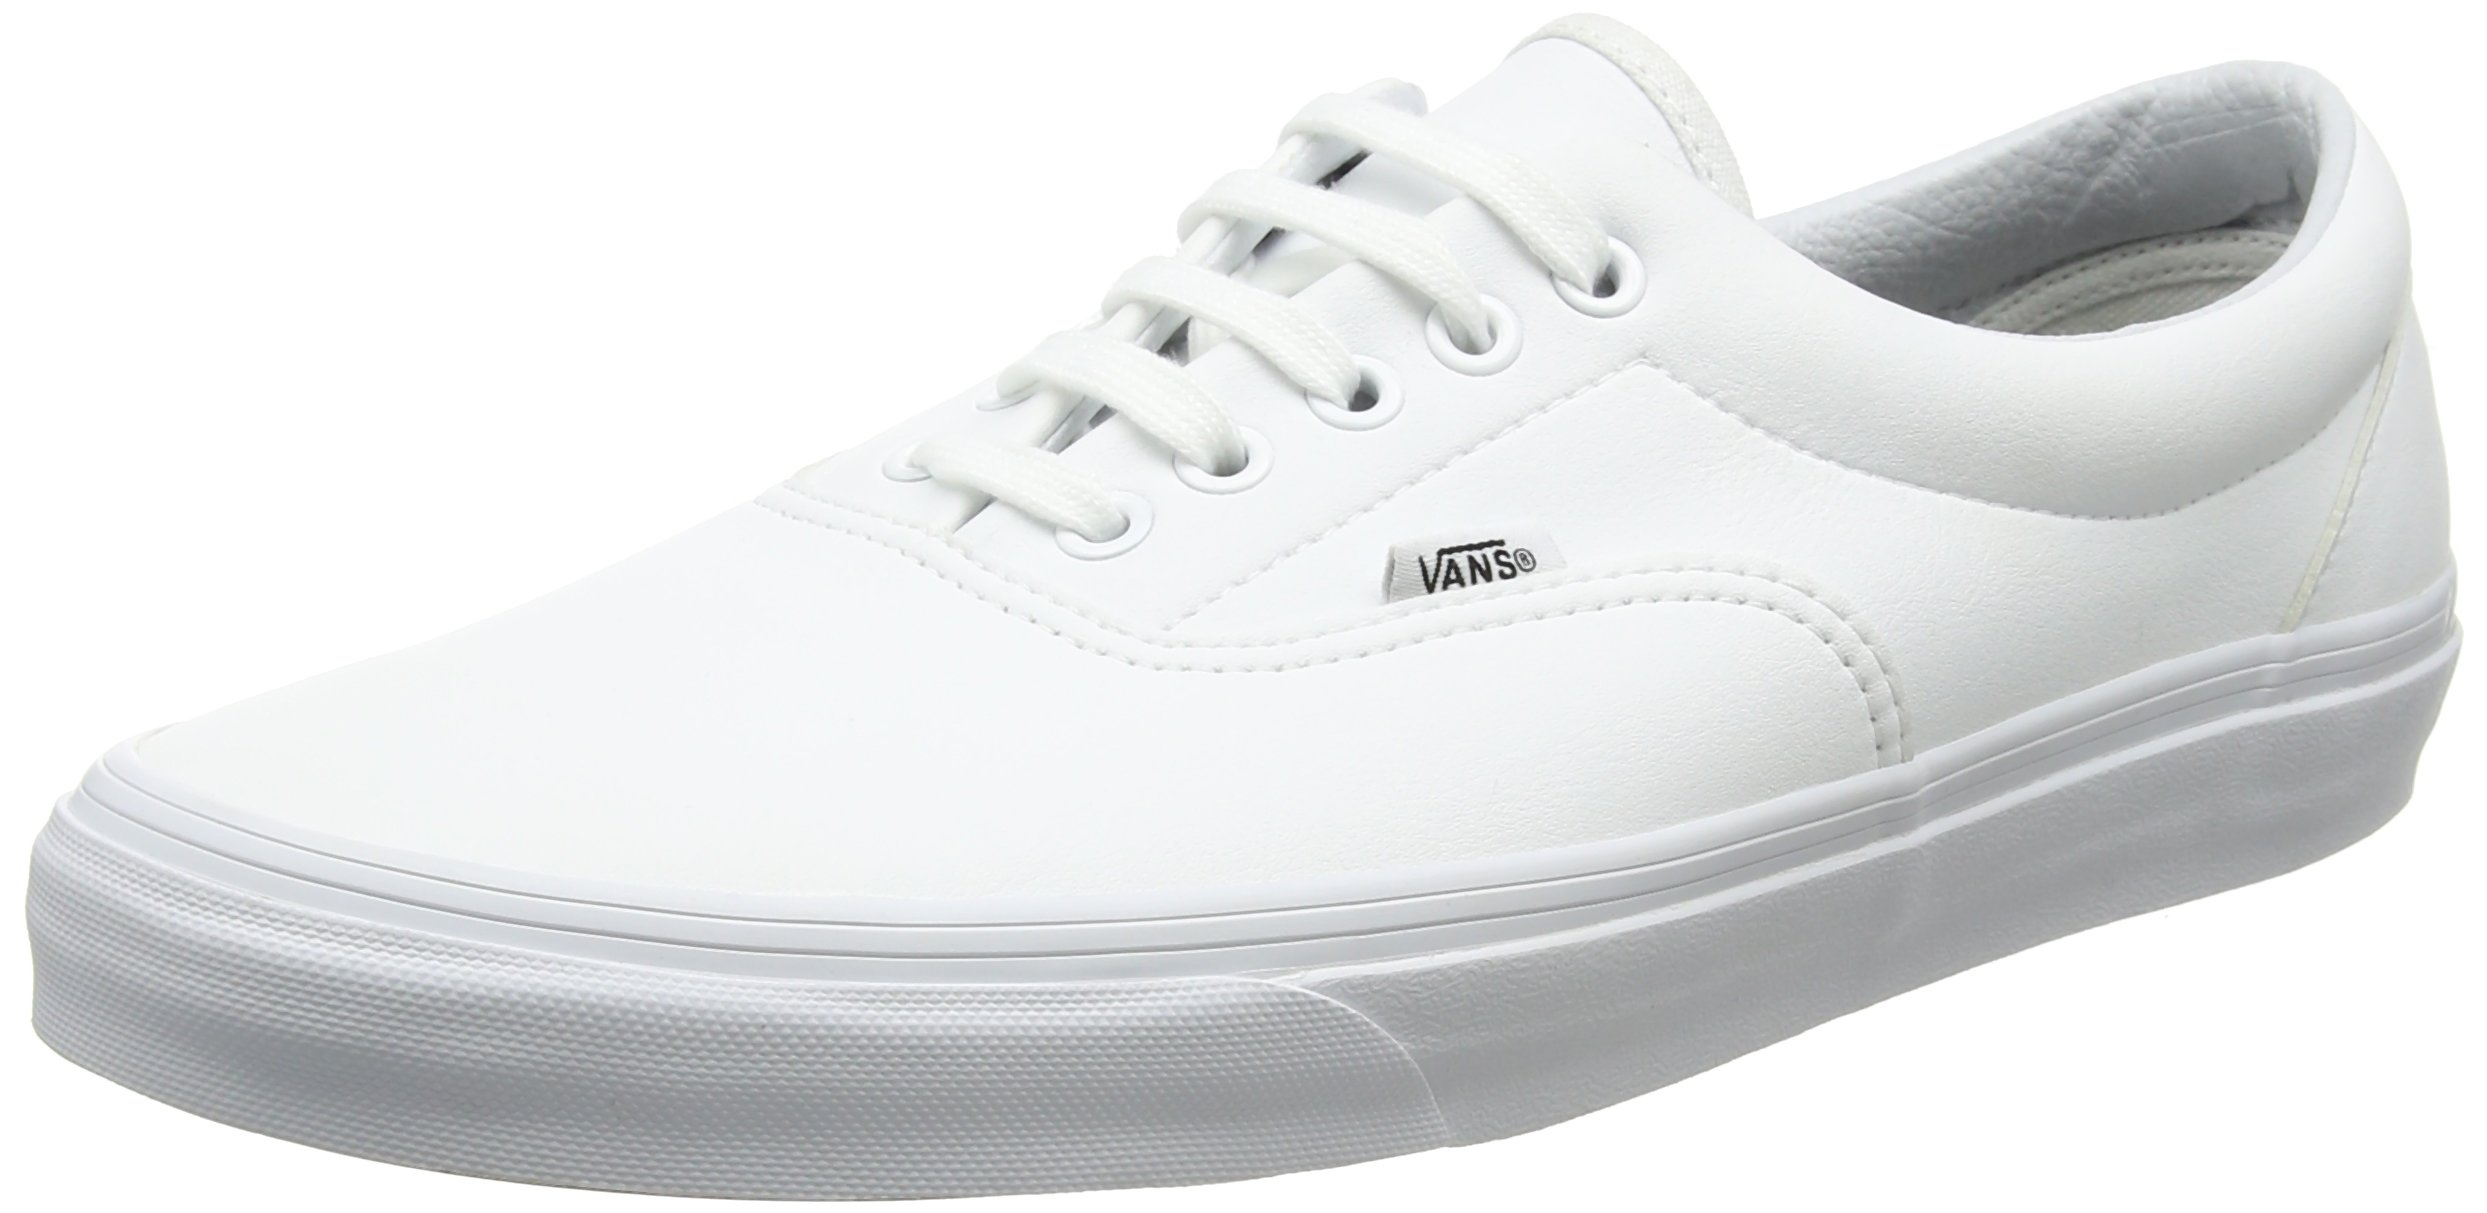 554d5161459b2a Get Quotations · Vans Unisex Era Skate Shoes